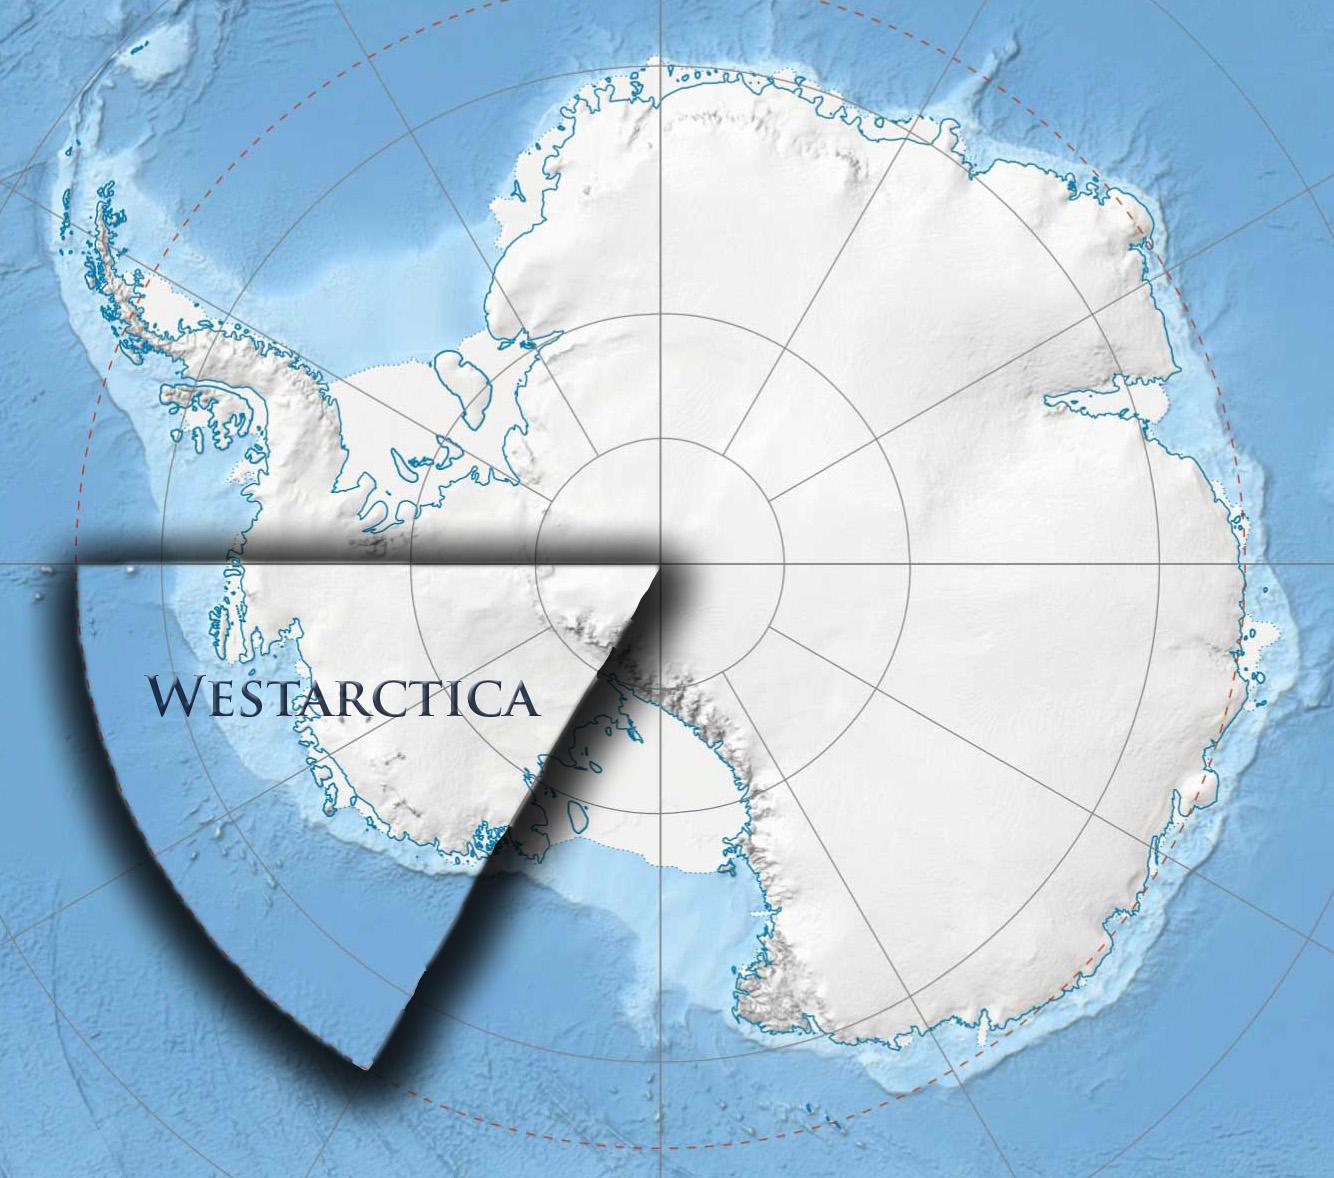 Westarctica's Territory